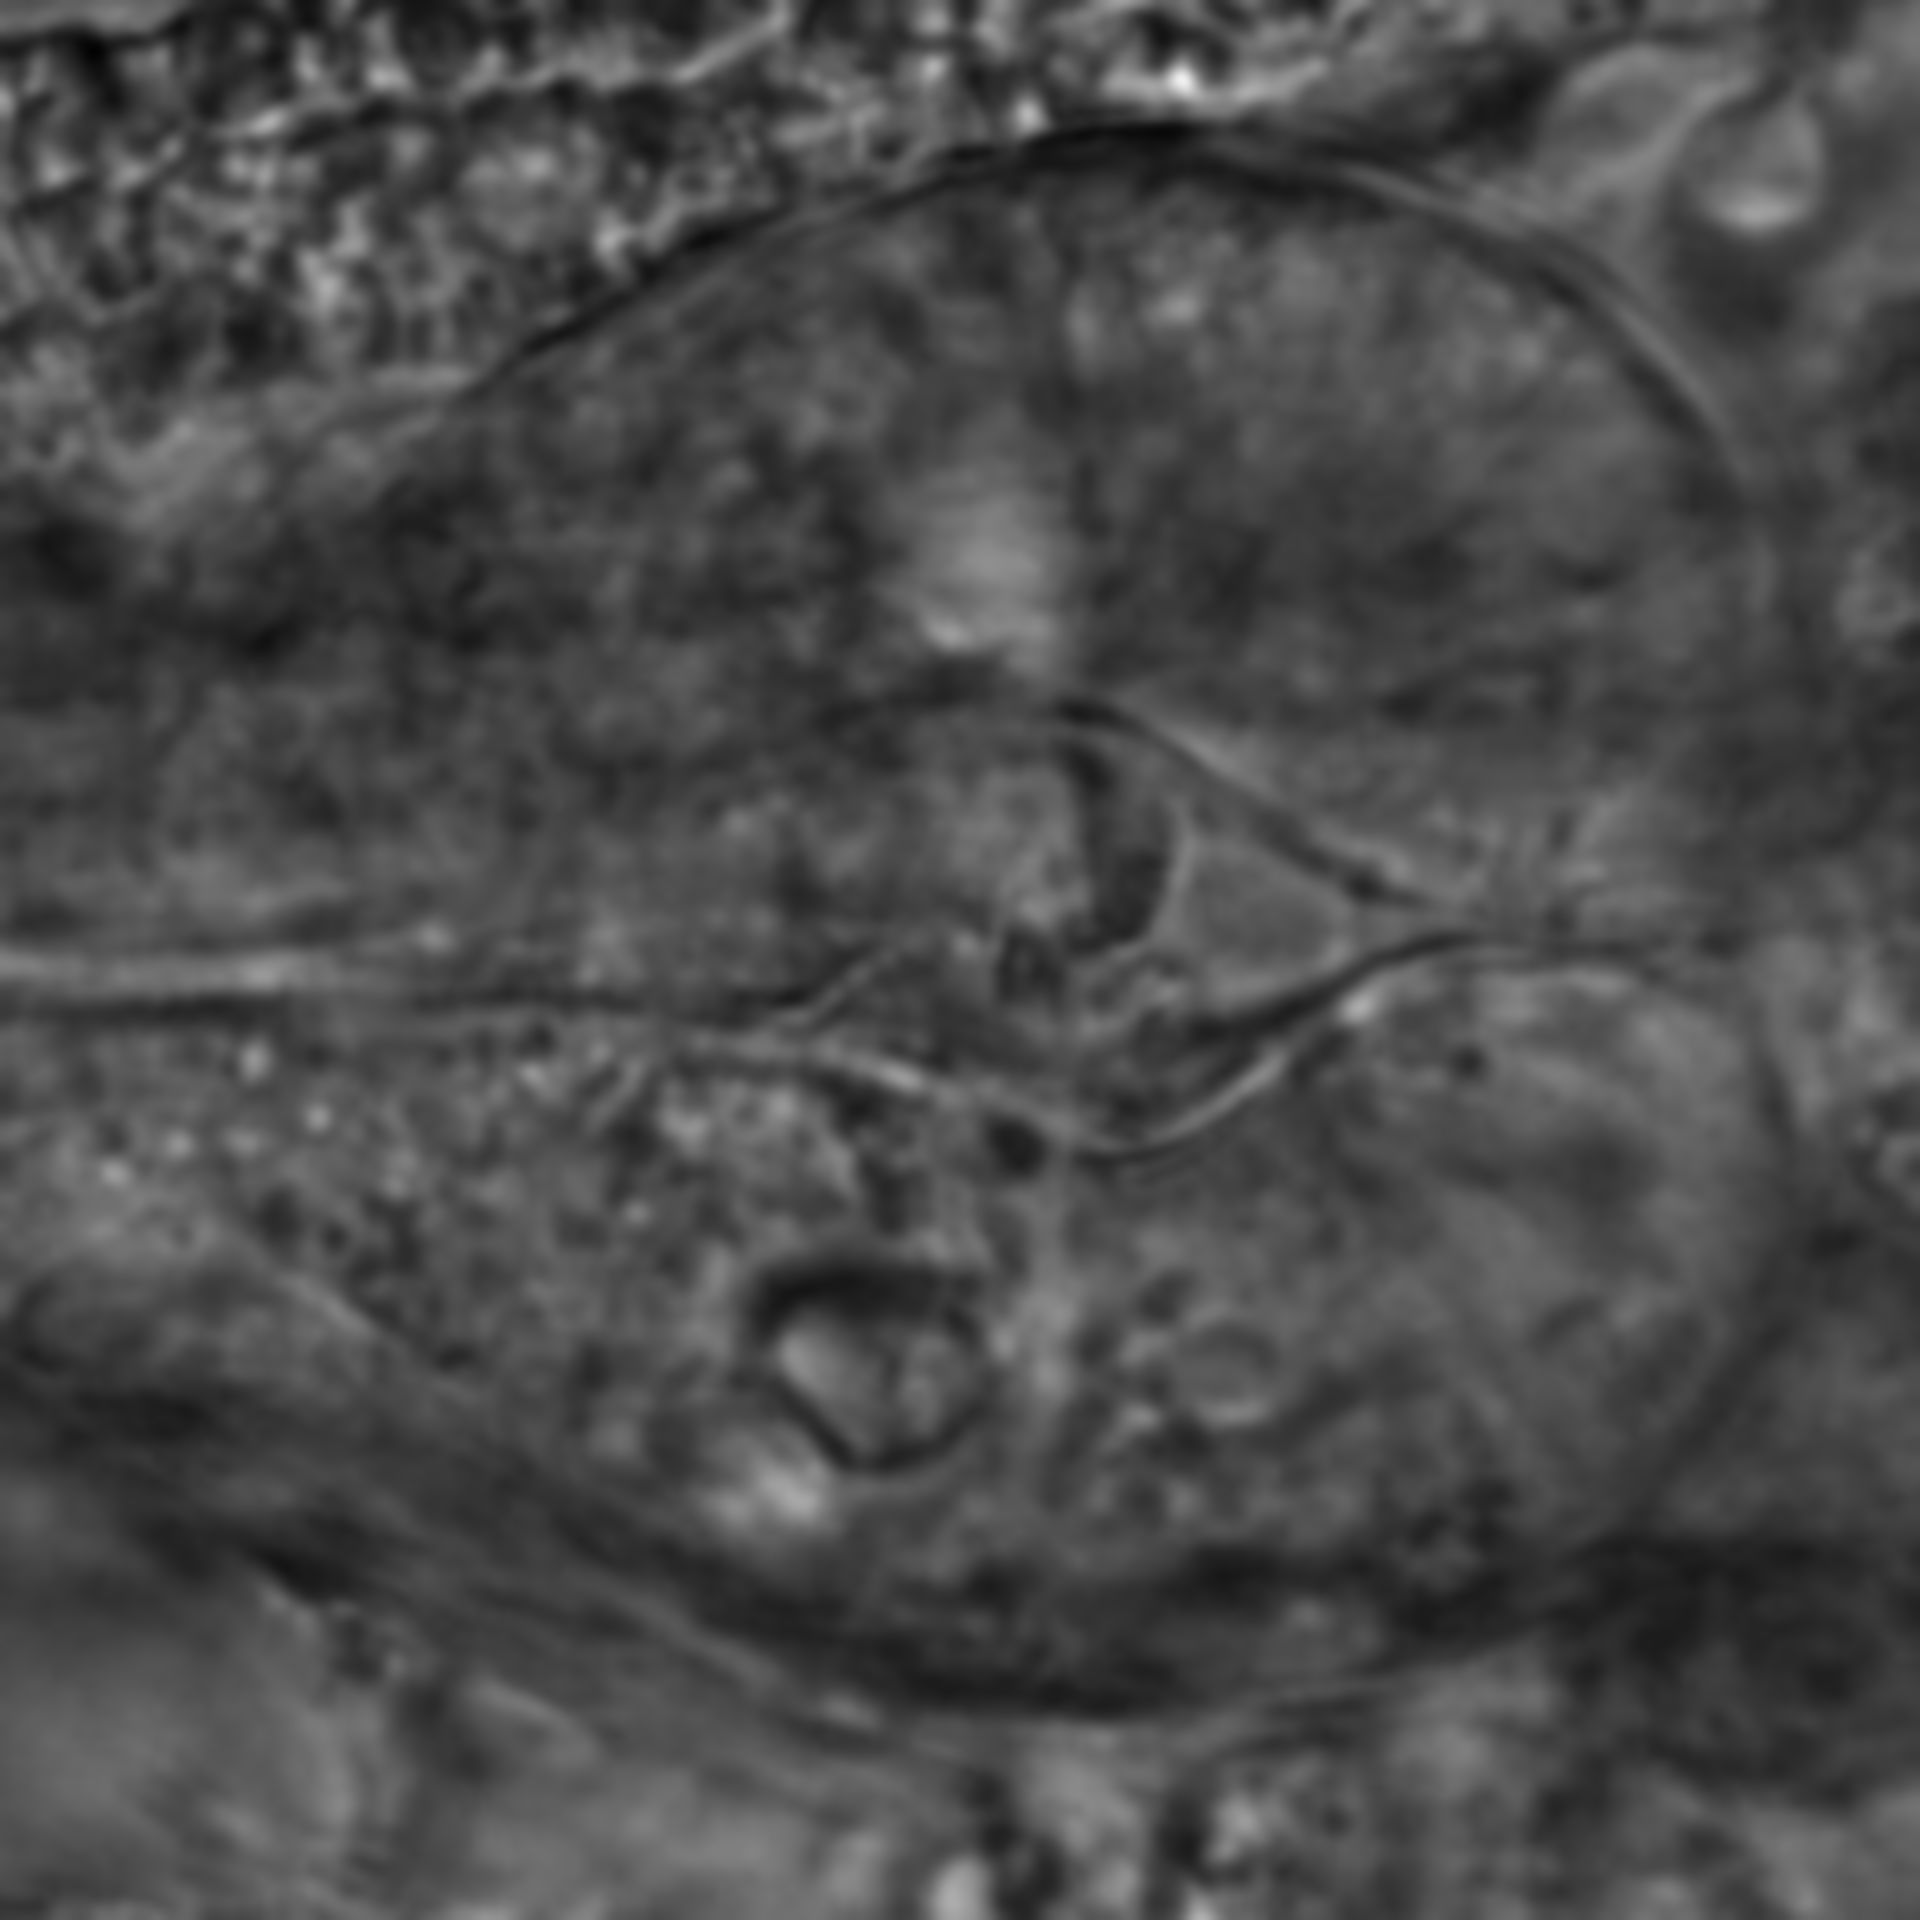 Caenorhabditis elegans - CIL:2776